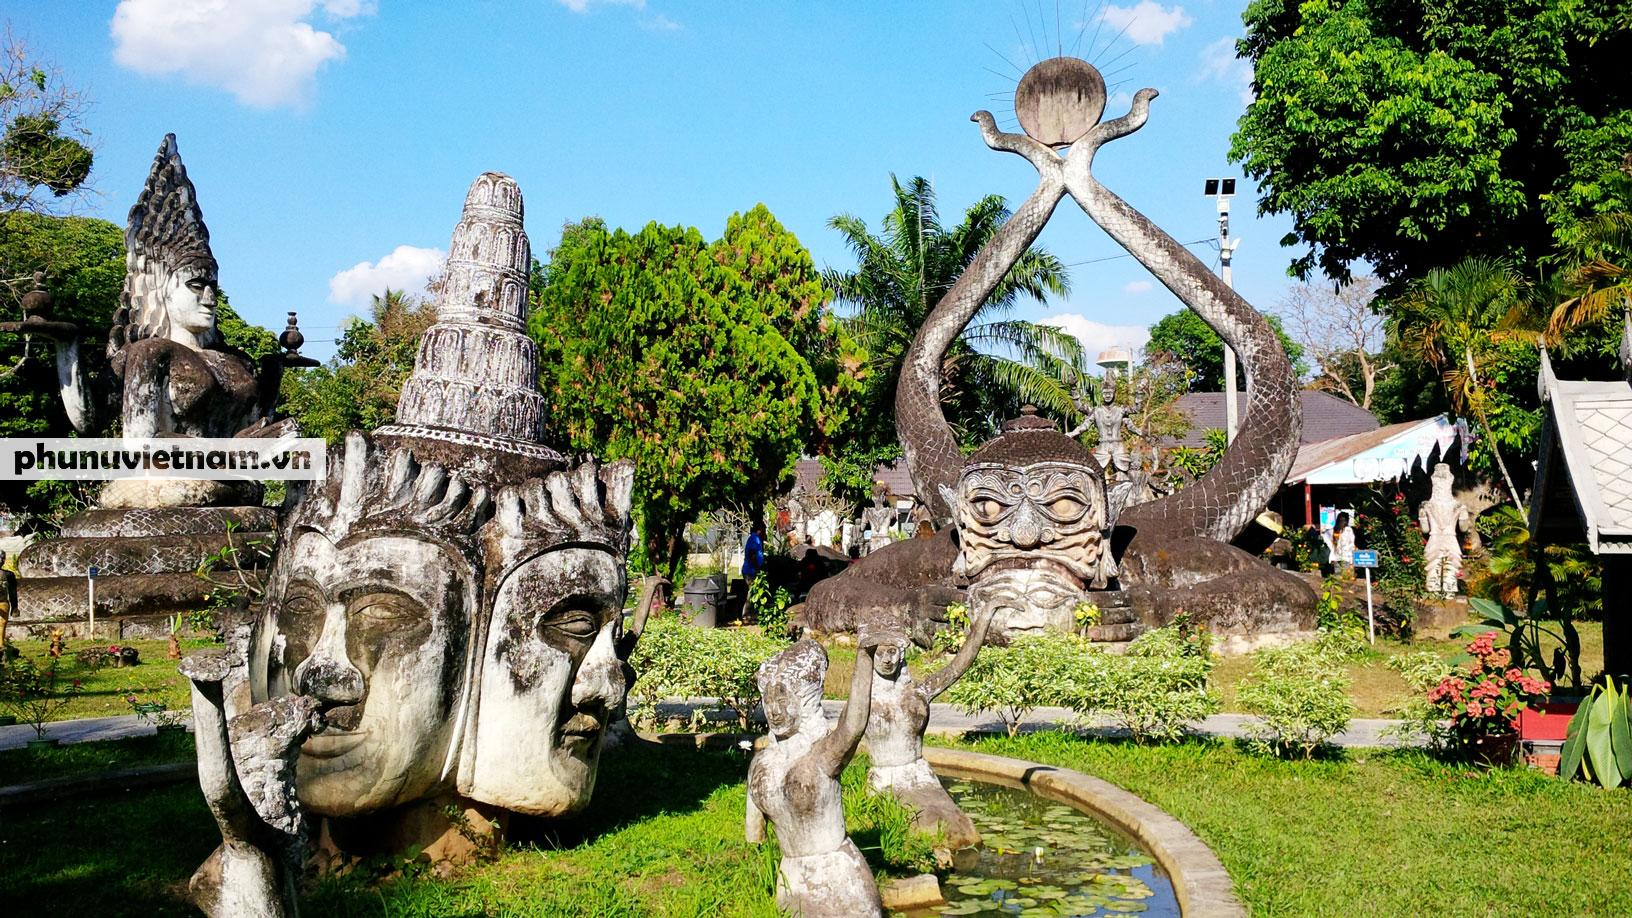 Độc đáo những bức tượng rắn trong các ngôi chùa ở Thủ đô Viêng Chăn - Ảnh 10.